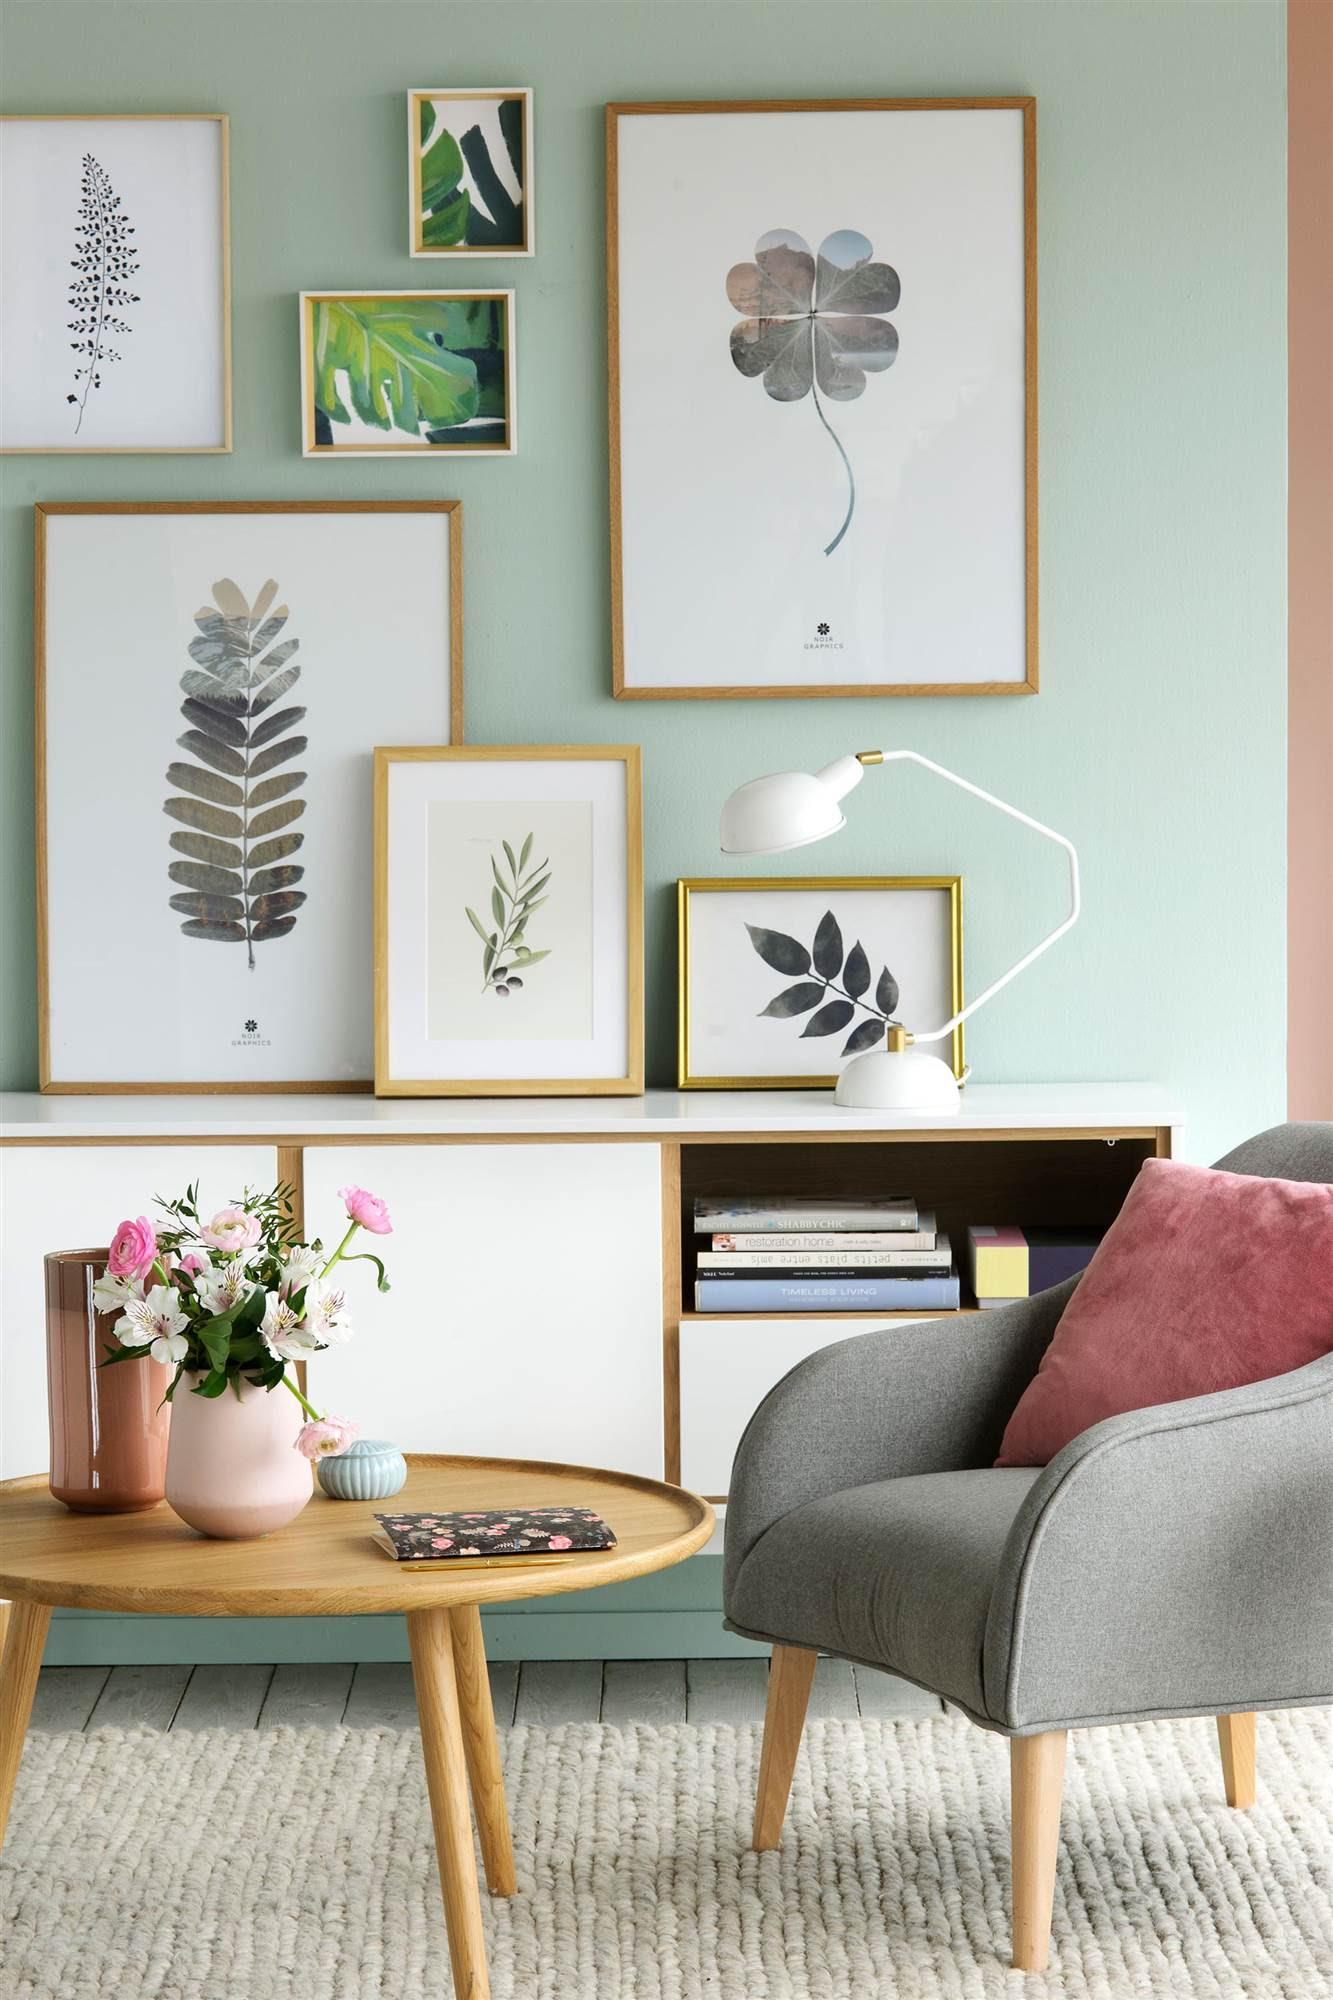 cuadros e ilustraciones con motivos vegetales_00477327 O